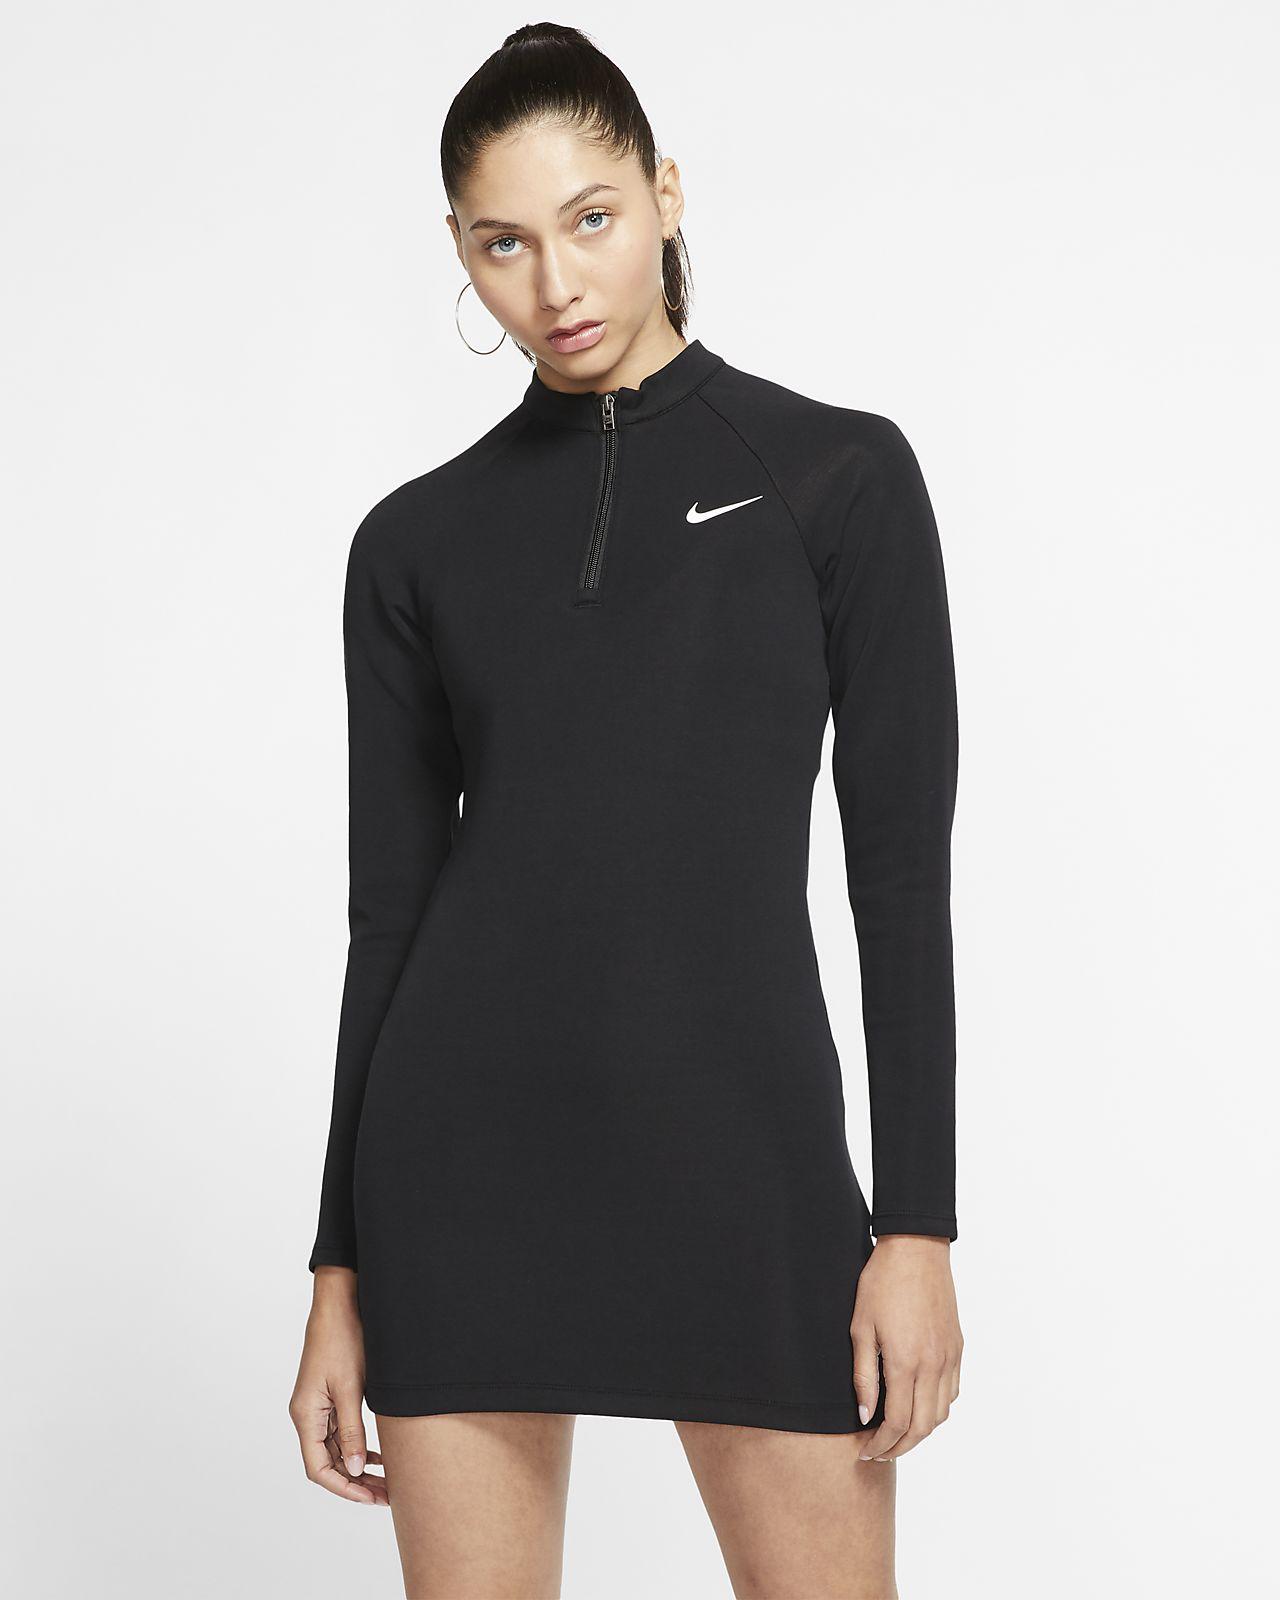 Dámské šaty Nike Sportswear s dlouhým rukávem